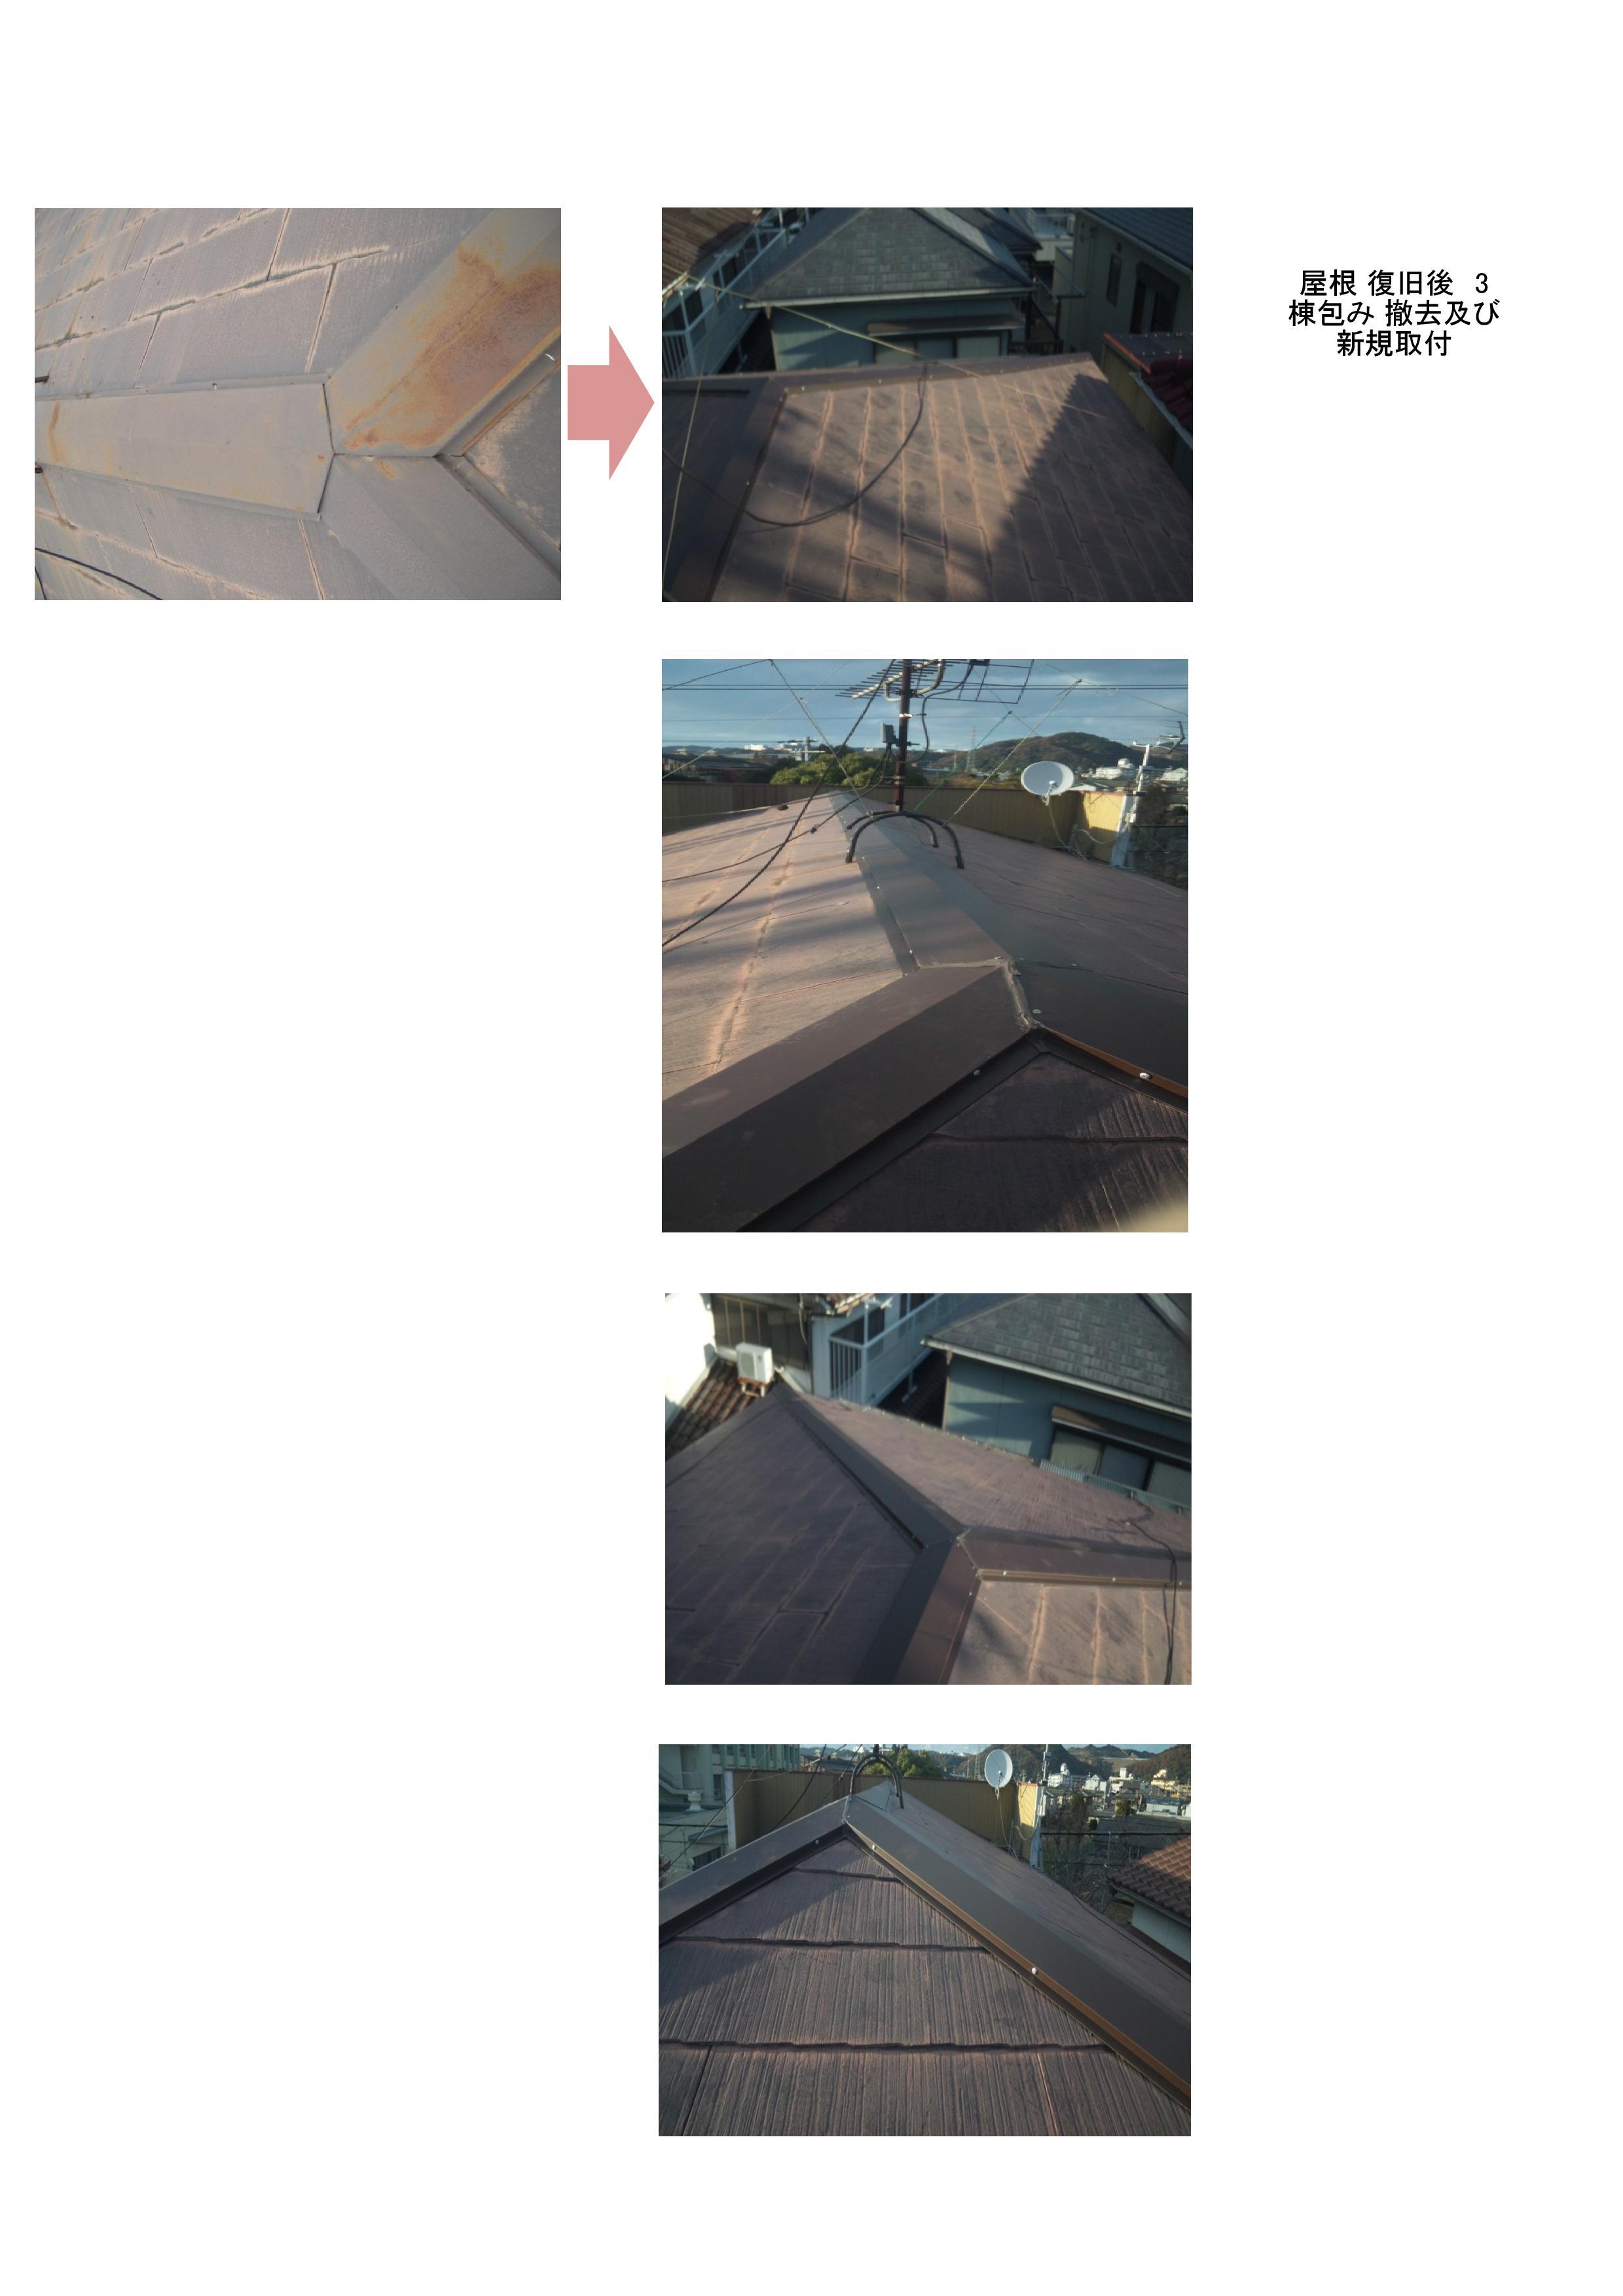 中谷様邸(福島) 工事完了報告書-002